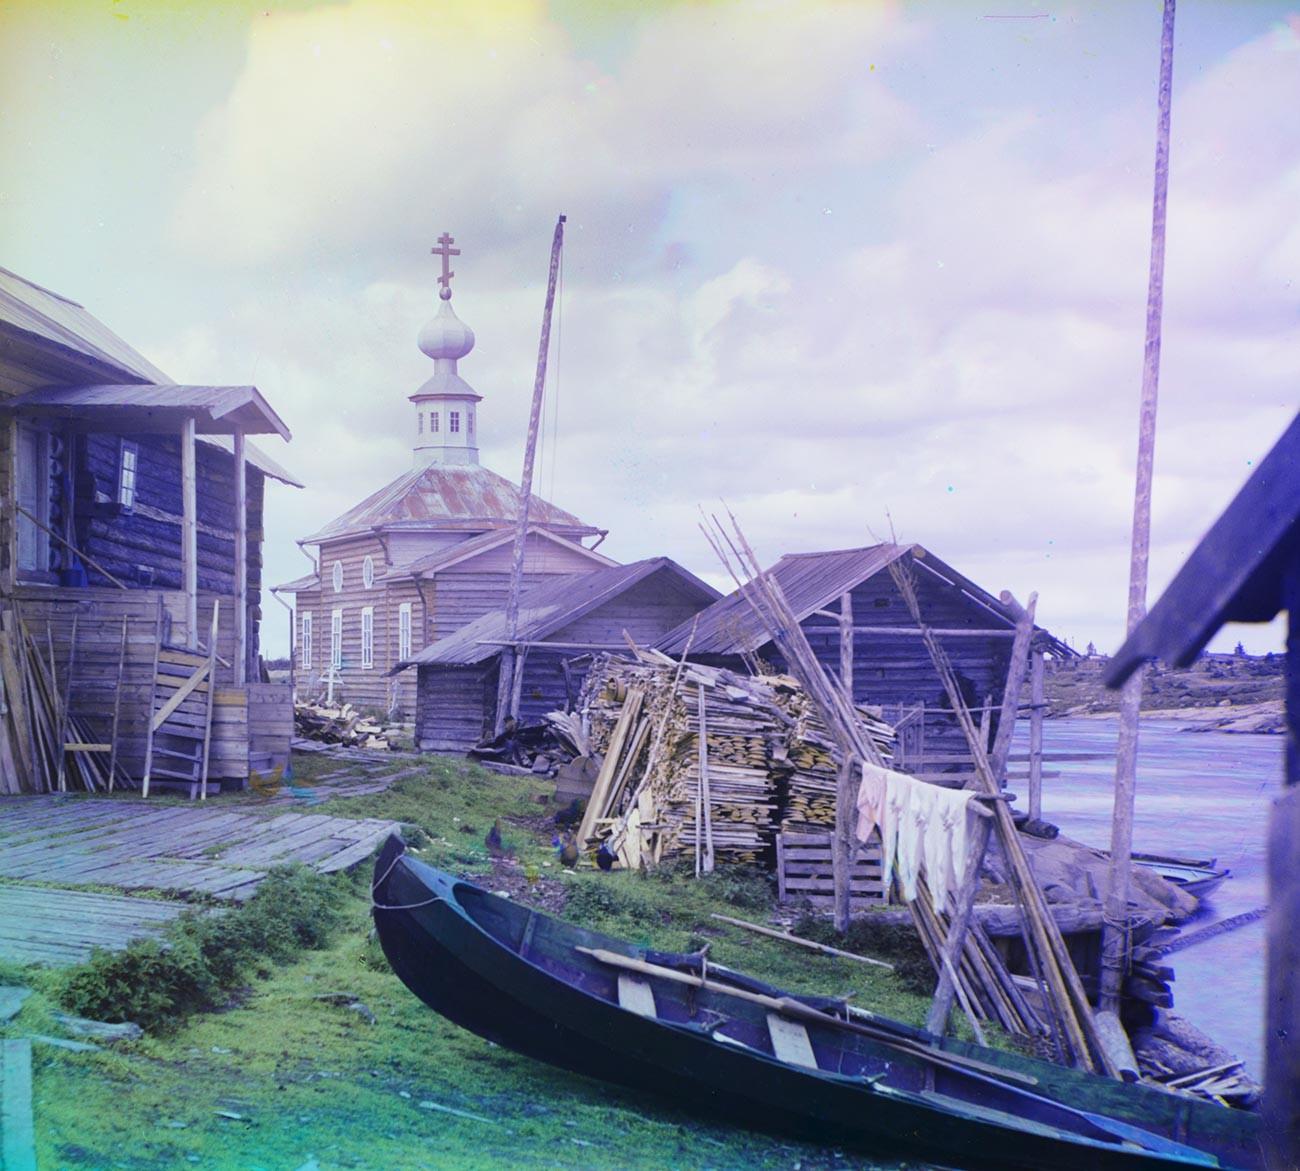 ソロカ村(現ベロモルスク)。ヴィグ川を見下ろす家。ボート、薪、丸太小屋もある。背景は、「聖ゾシマと聖サワティ教会」。1916年夏。